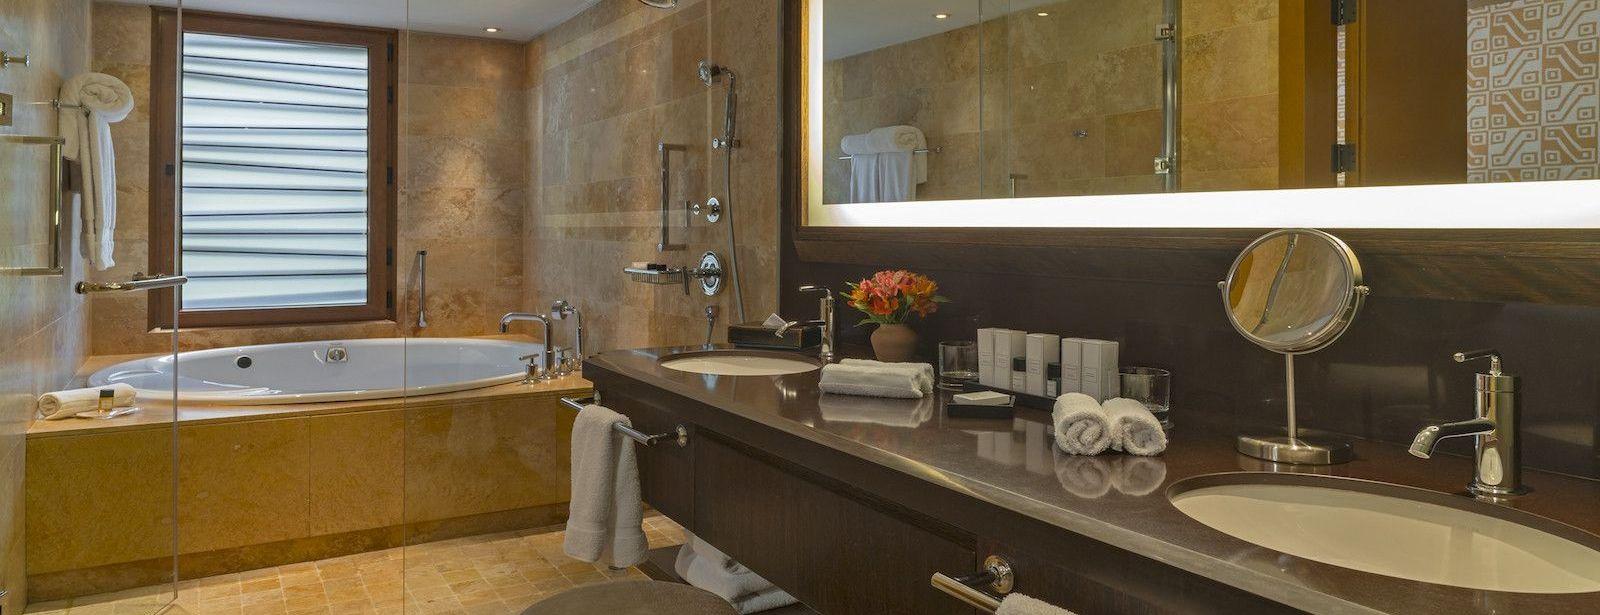 Banheiro da Suíte Sênior do Hotel Tambo del Inka, no Vale Sagrado